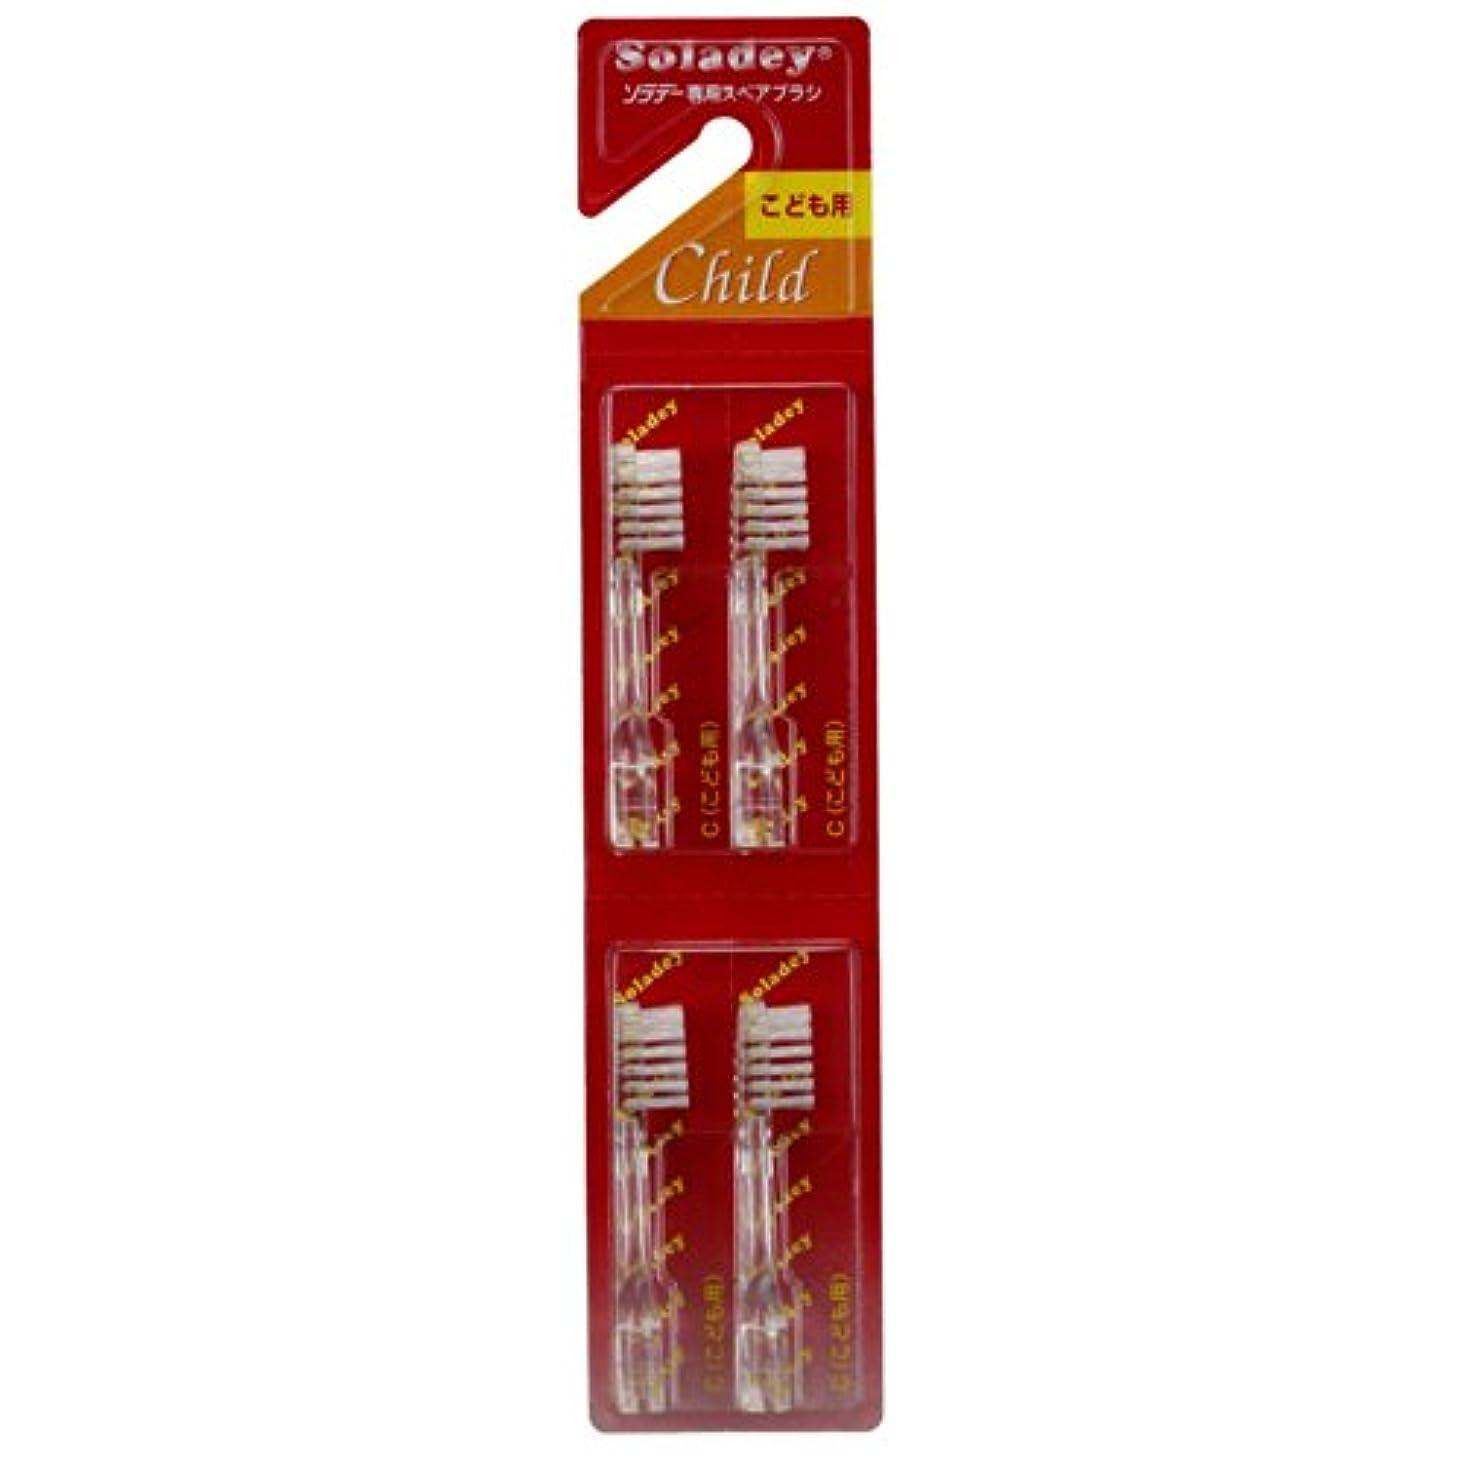 ソラデー 専用スペアブラシ 4本入 C(子供用)  ×3個セット